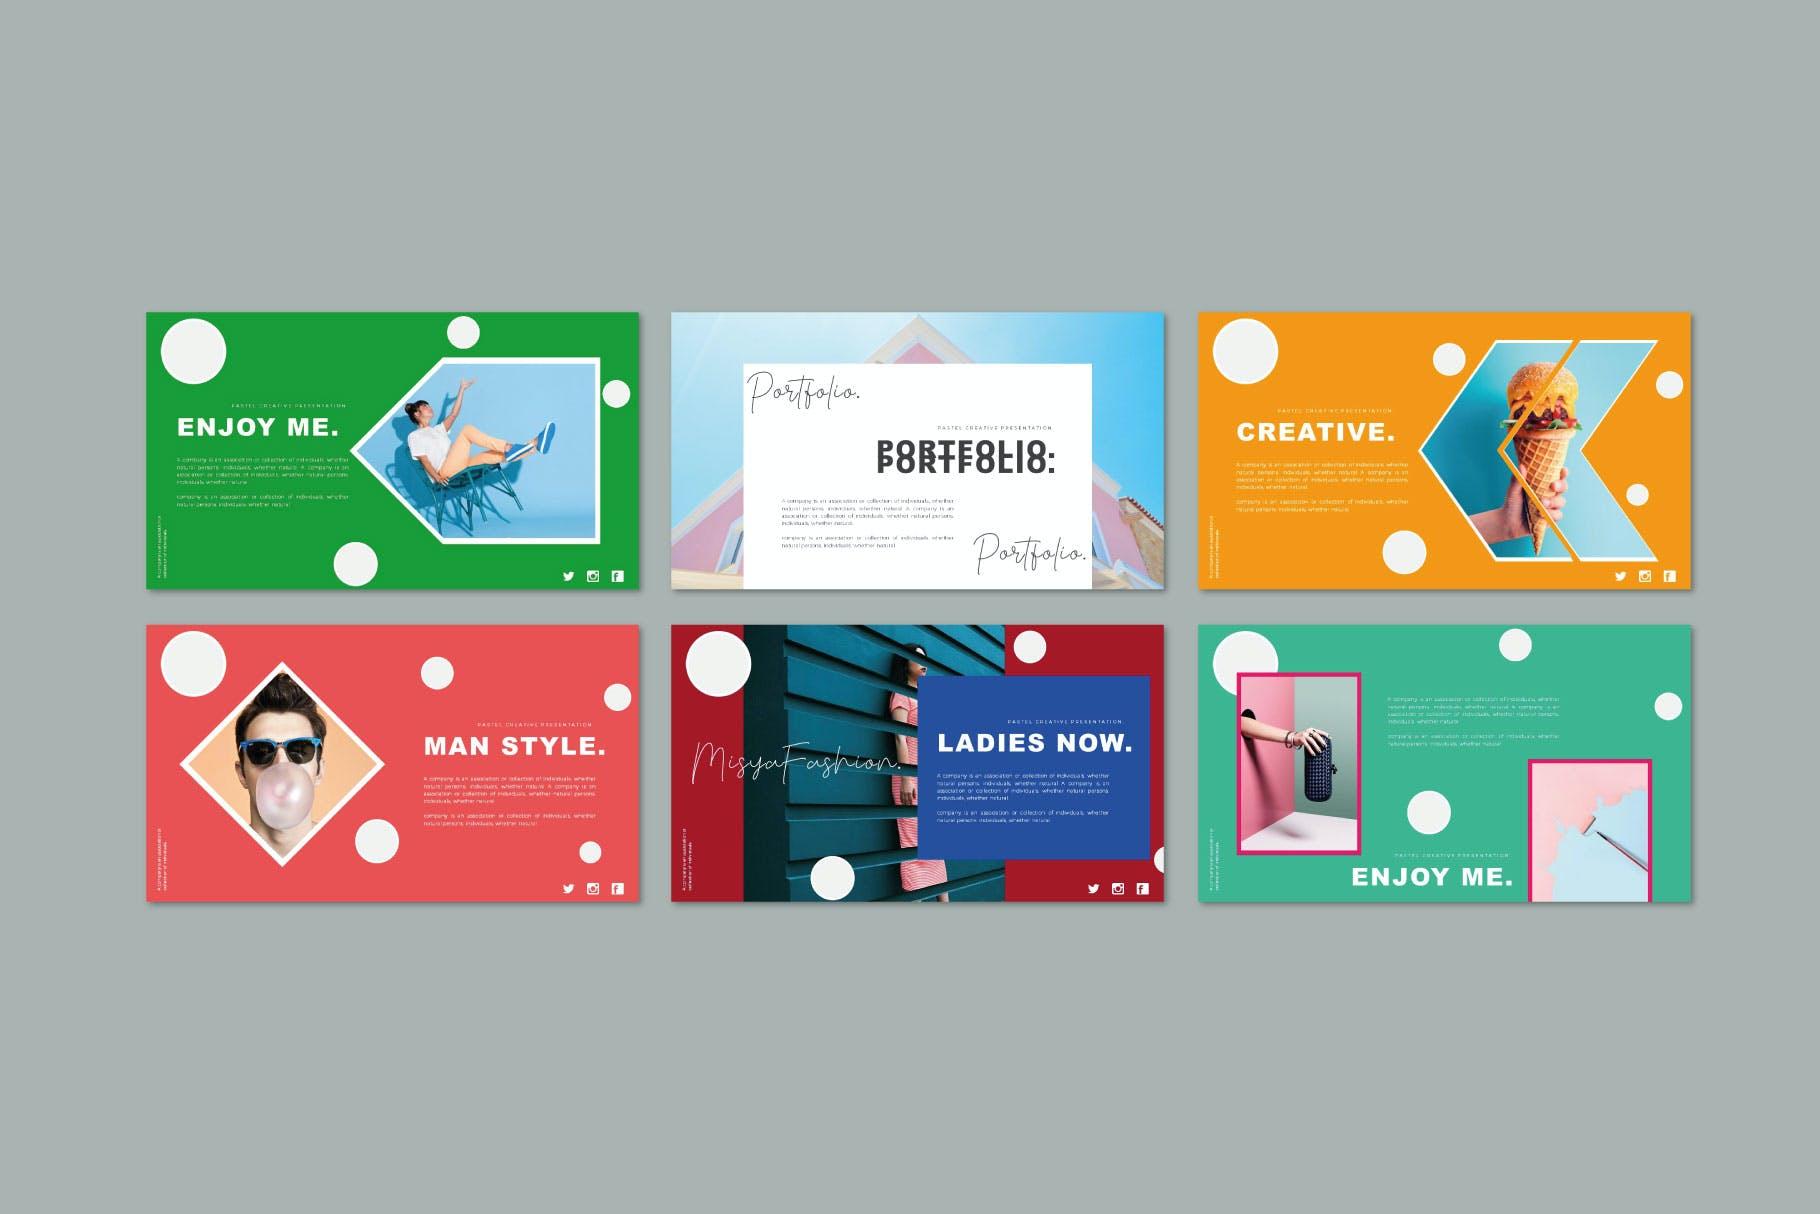 时尚多彩策划案图文排版设计演示文稿模板 Misya – Powerpoint Template插图(6)